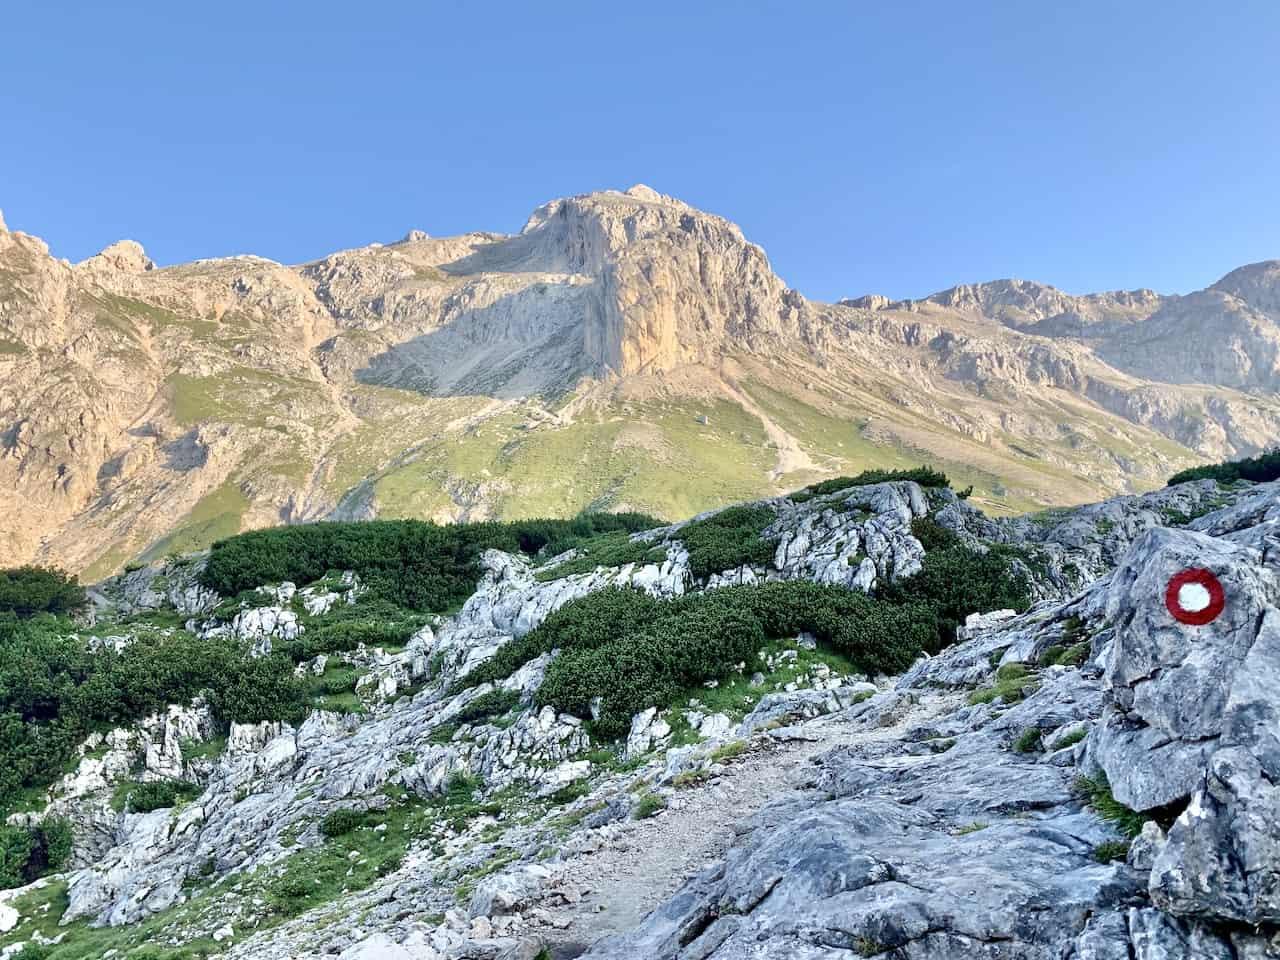 Mount Triglav Hiking Trail